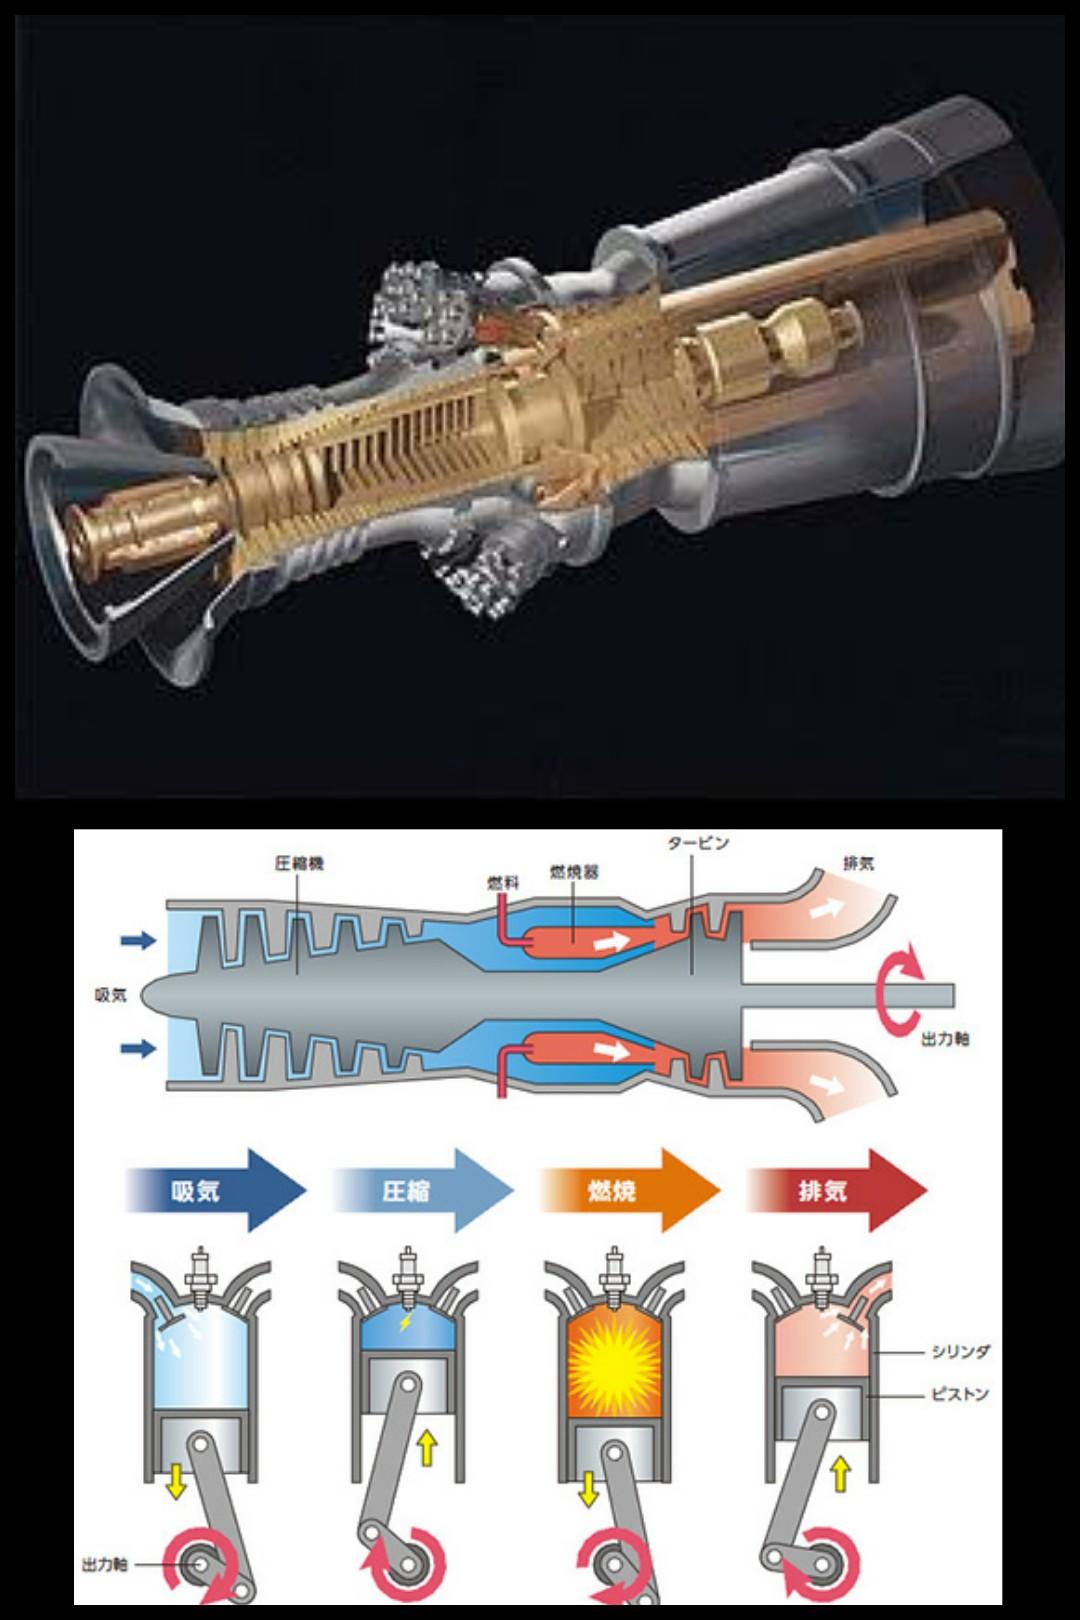 ガスタービンエンジンとは